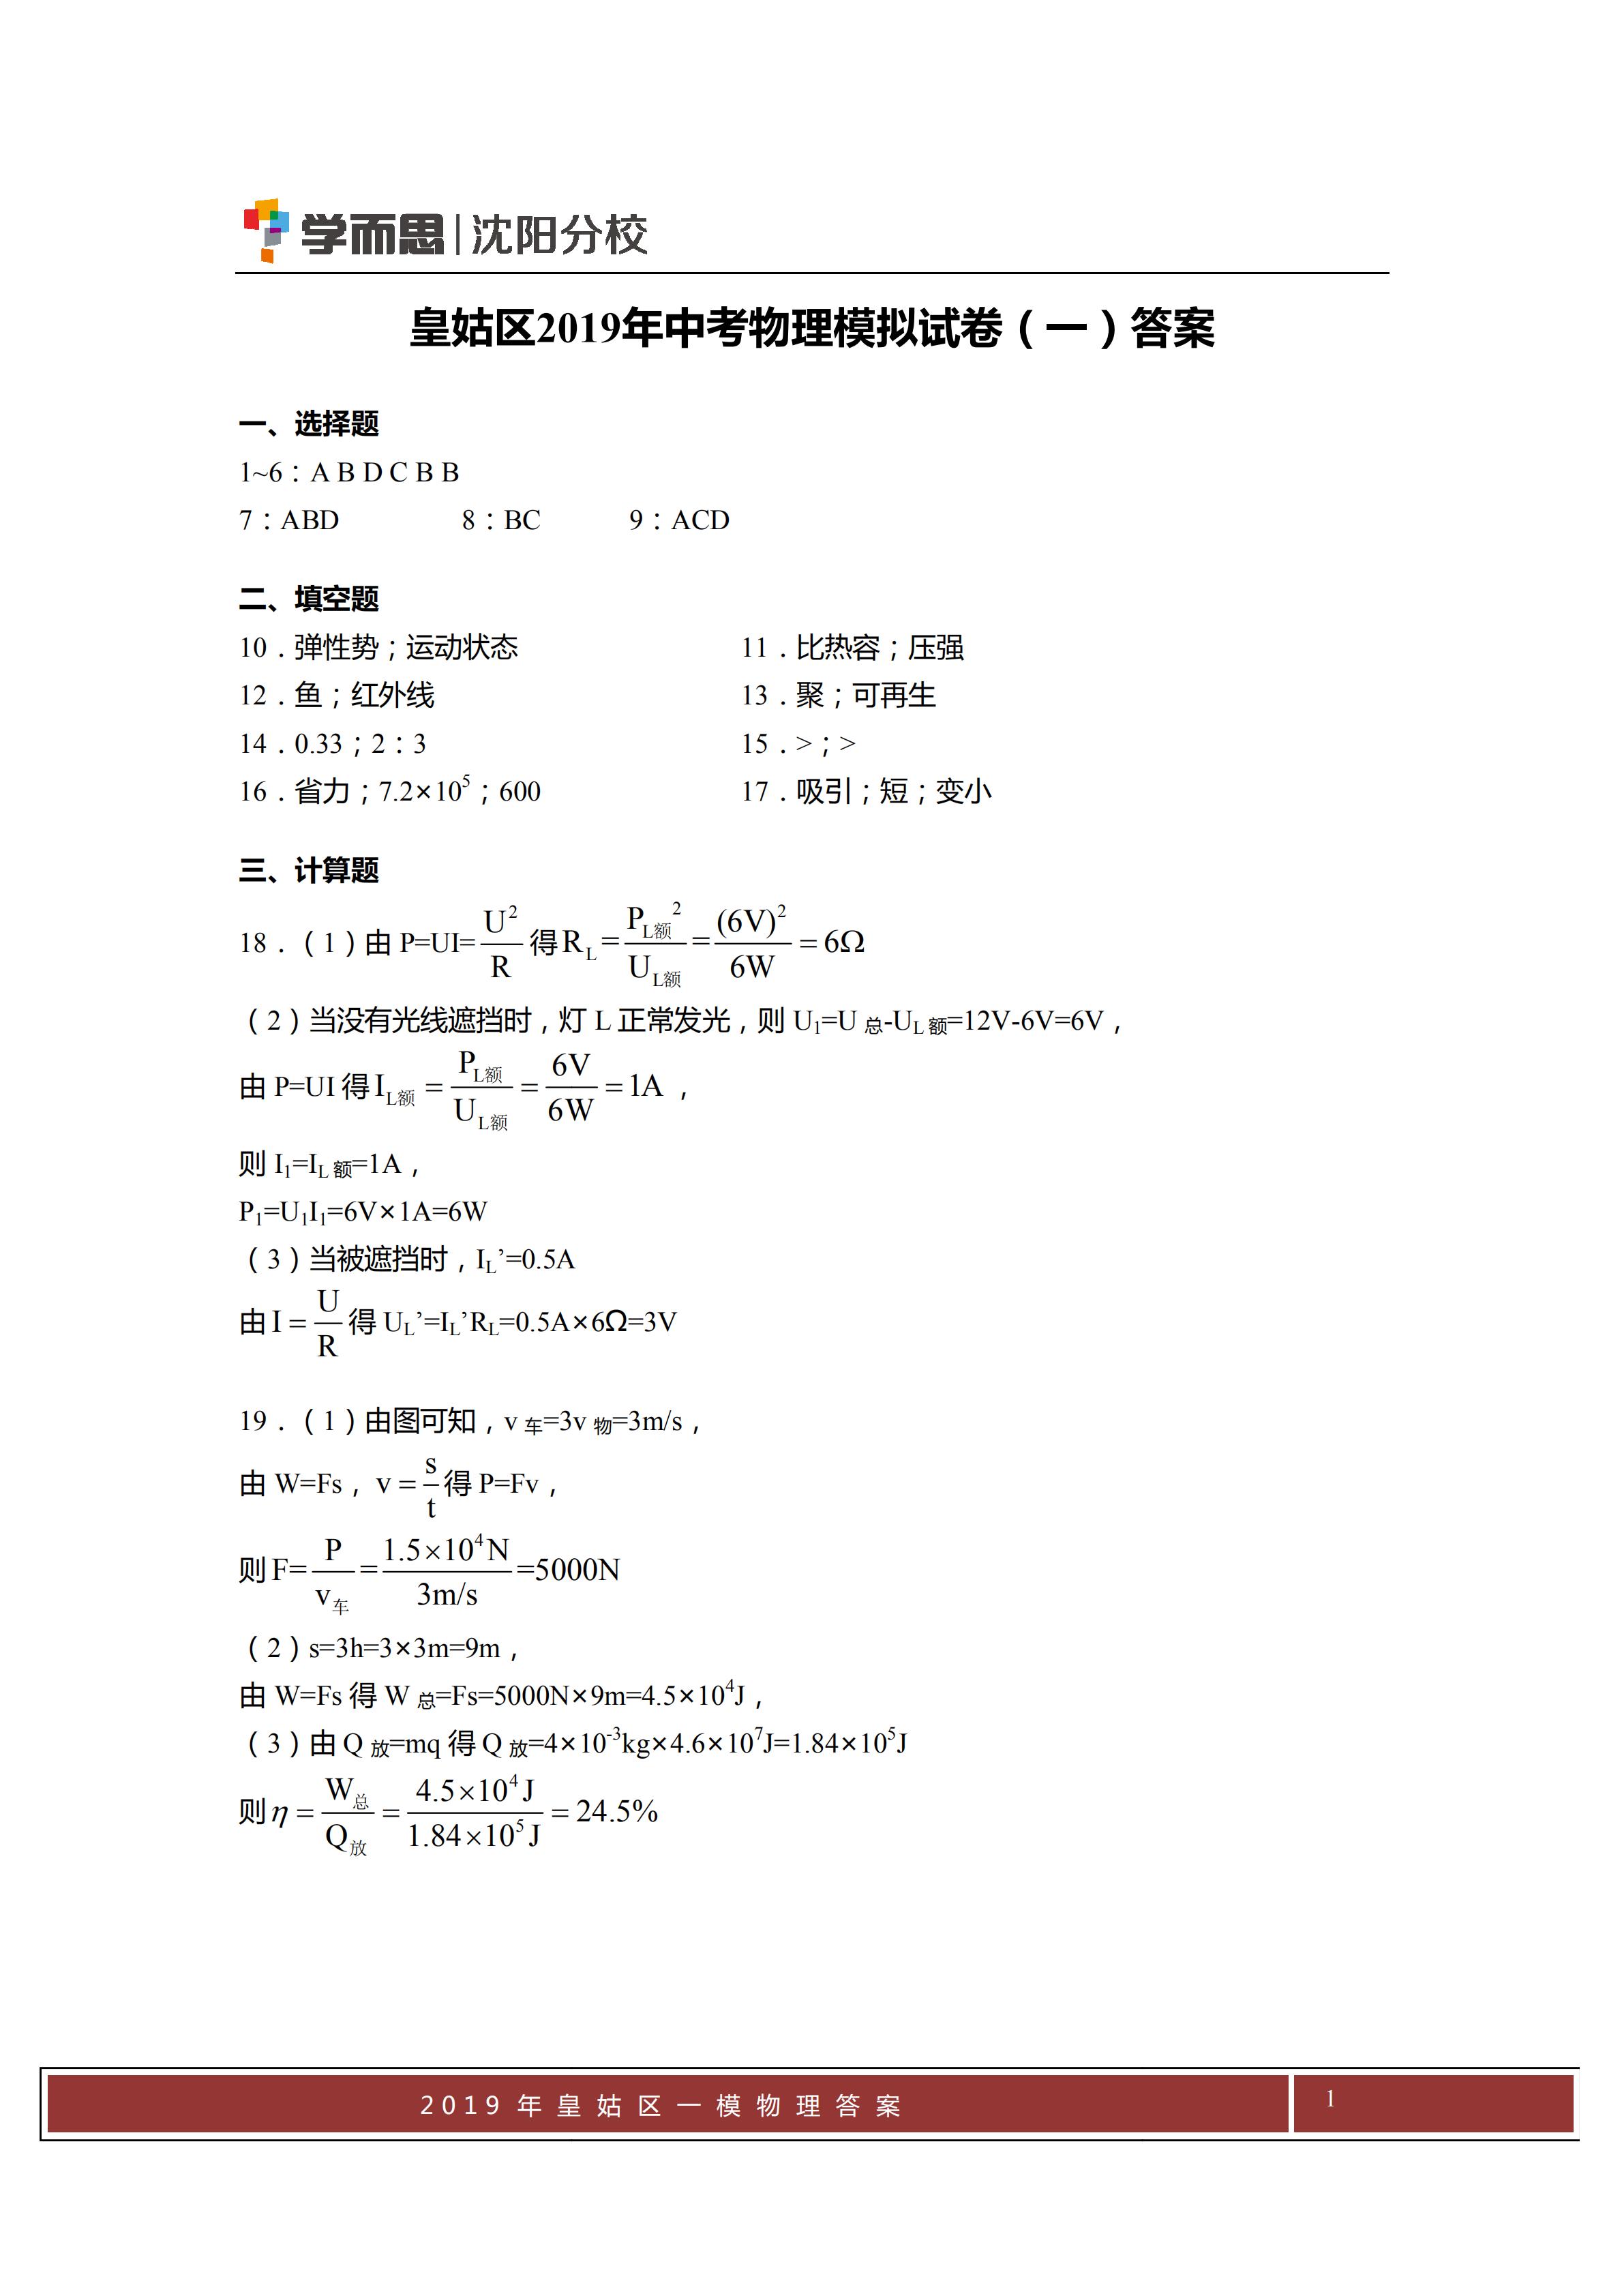 2019年皇姑区物理一模试卷答案_00.png